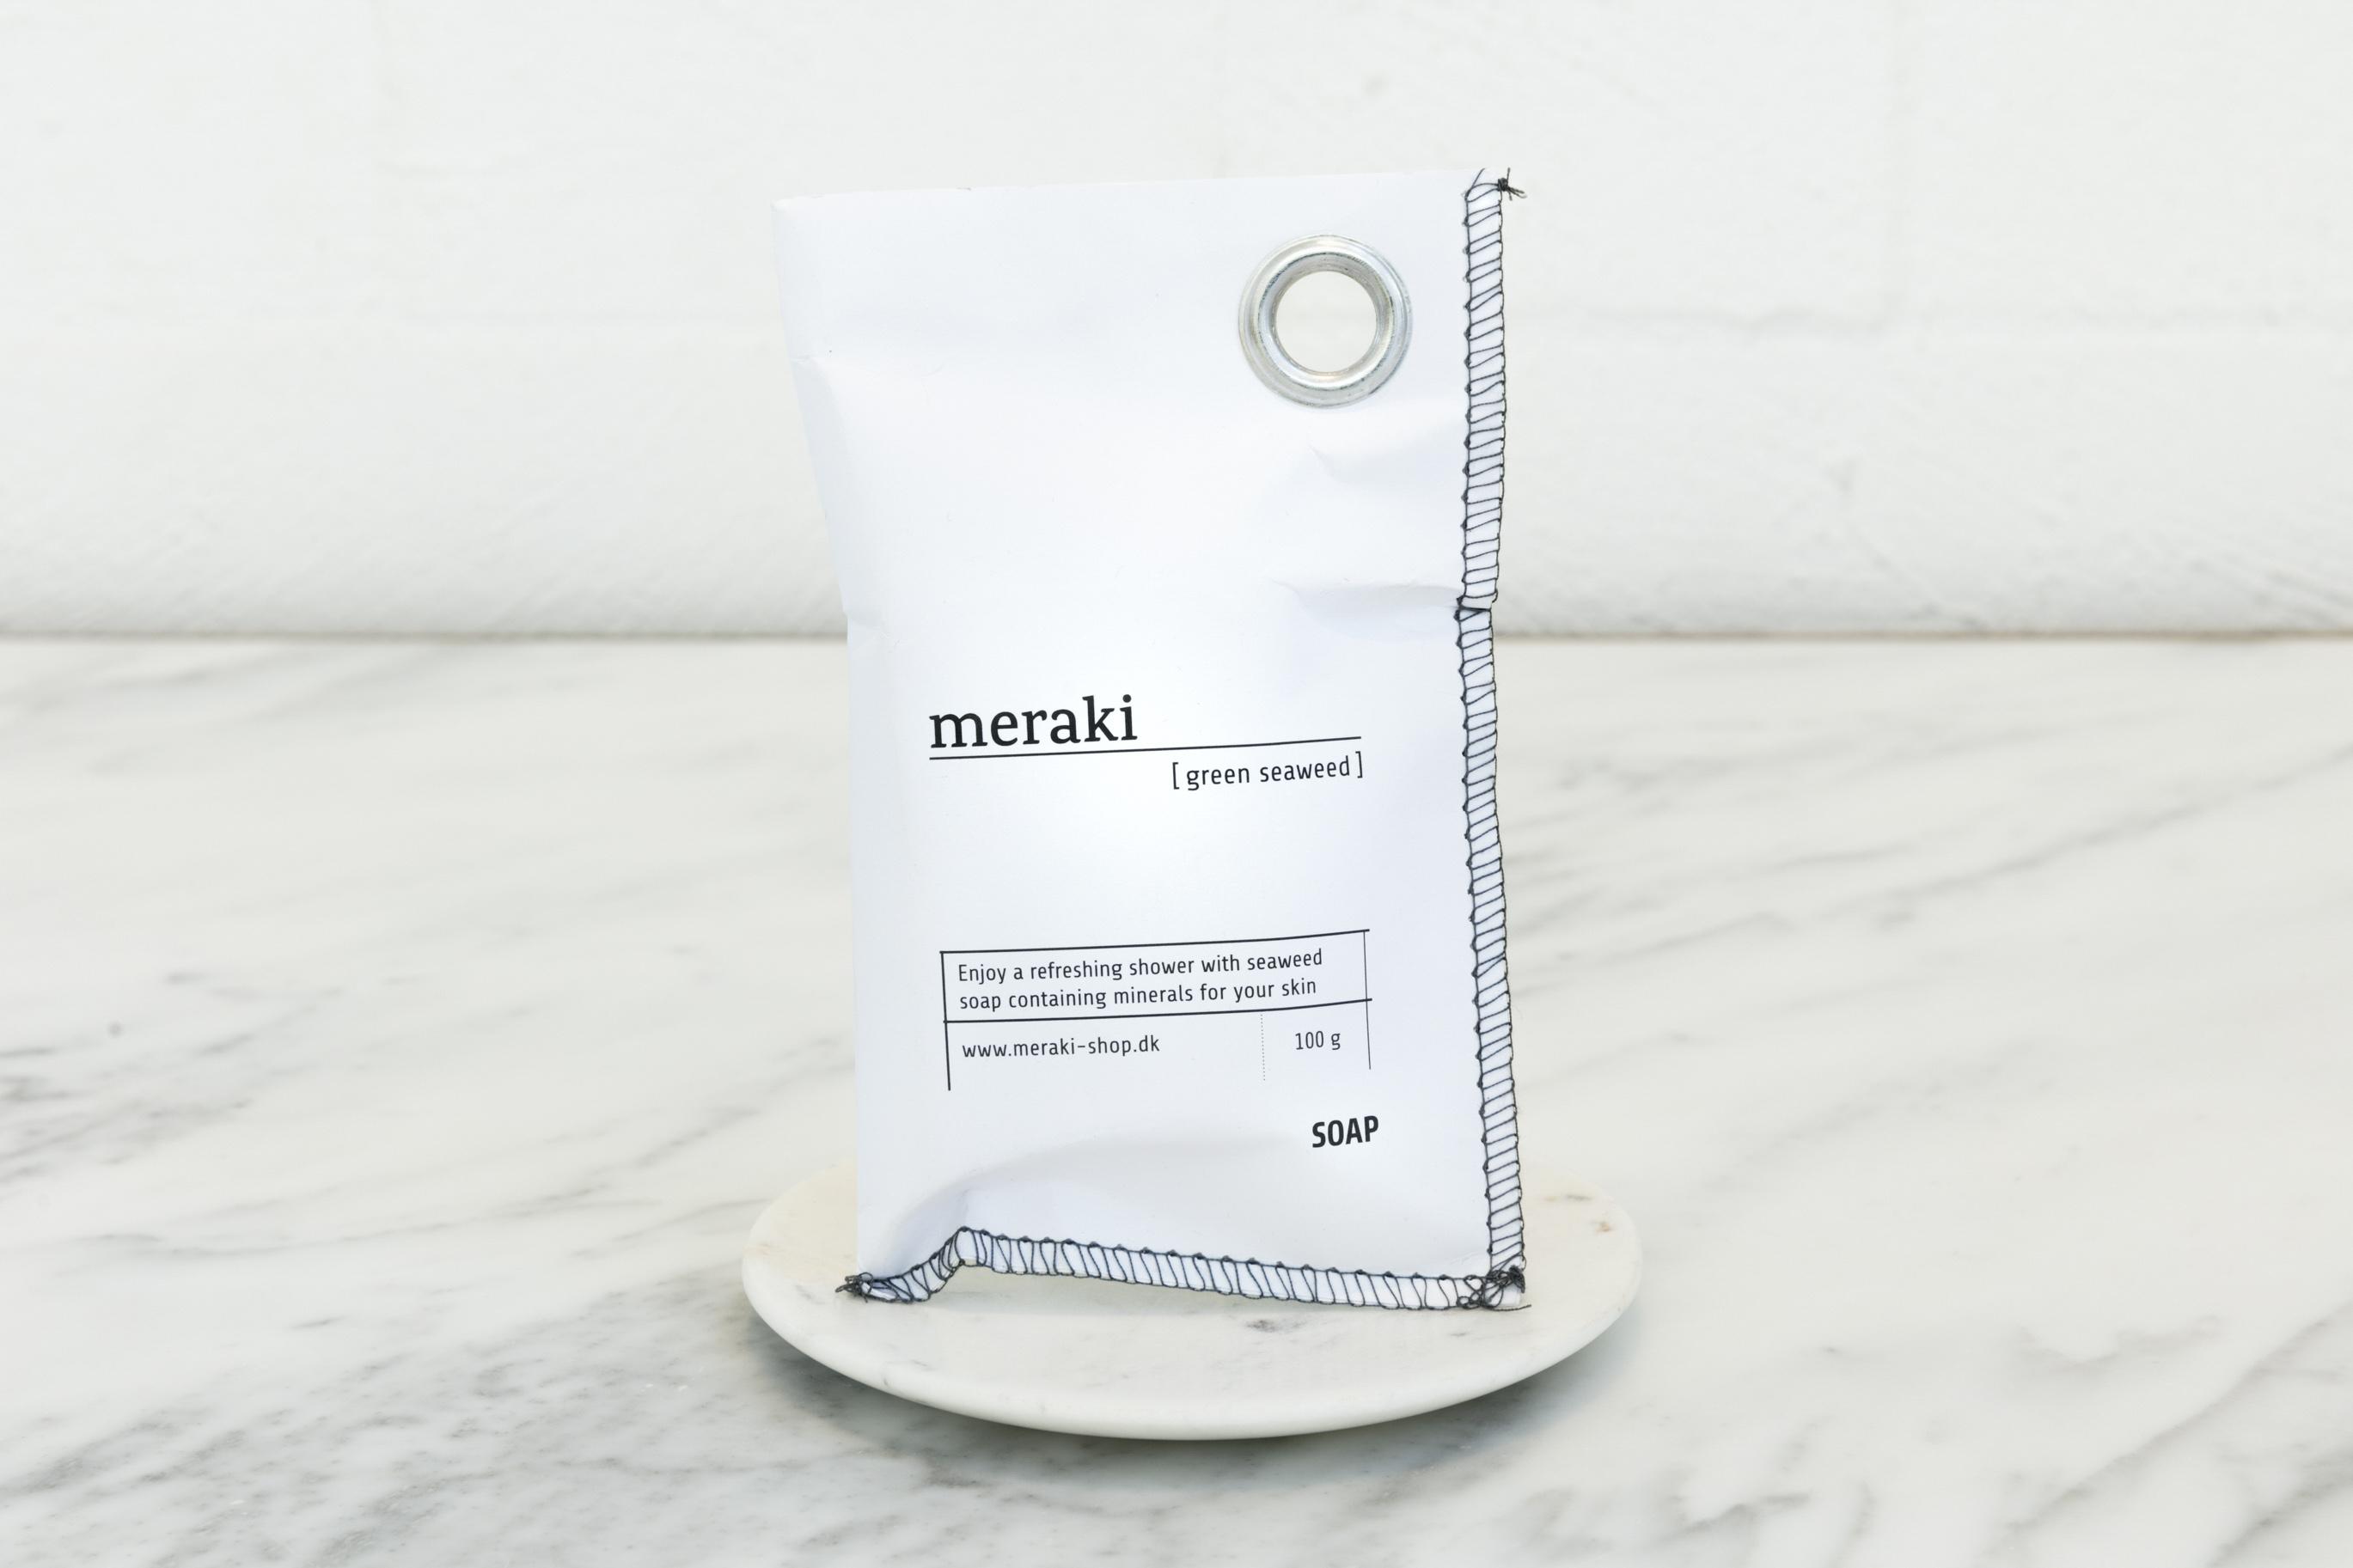 blush-meraki-seaweed-soap